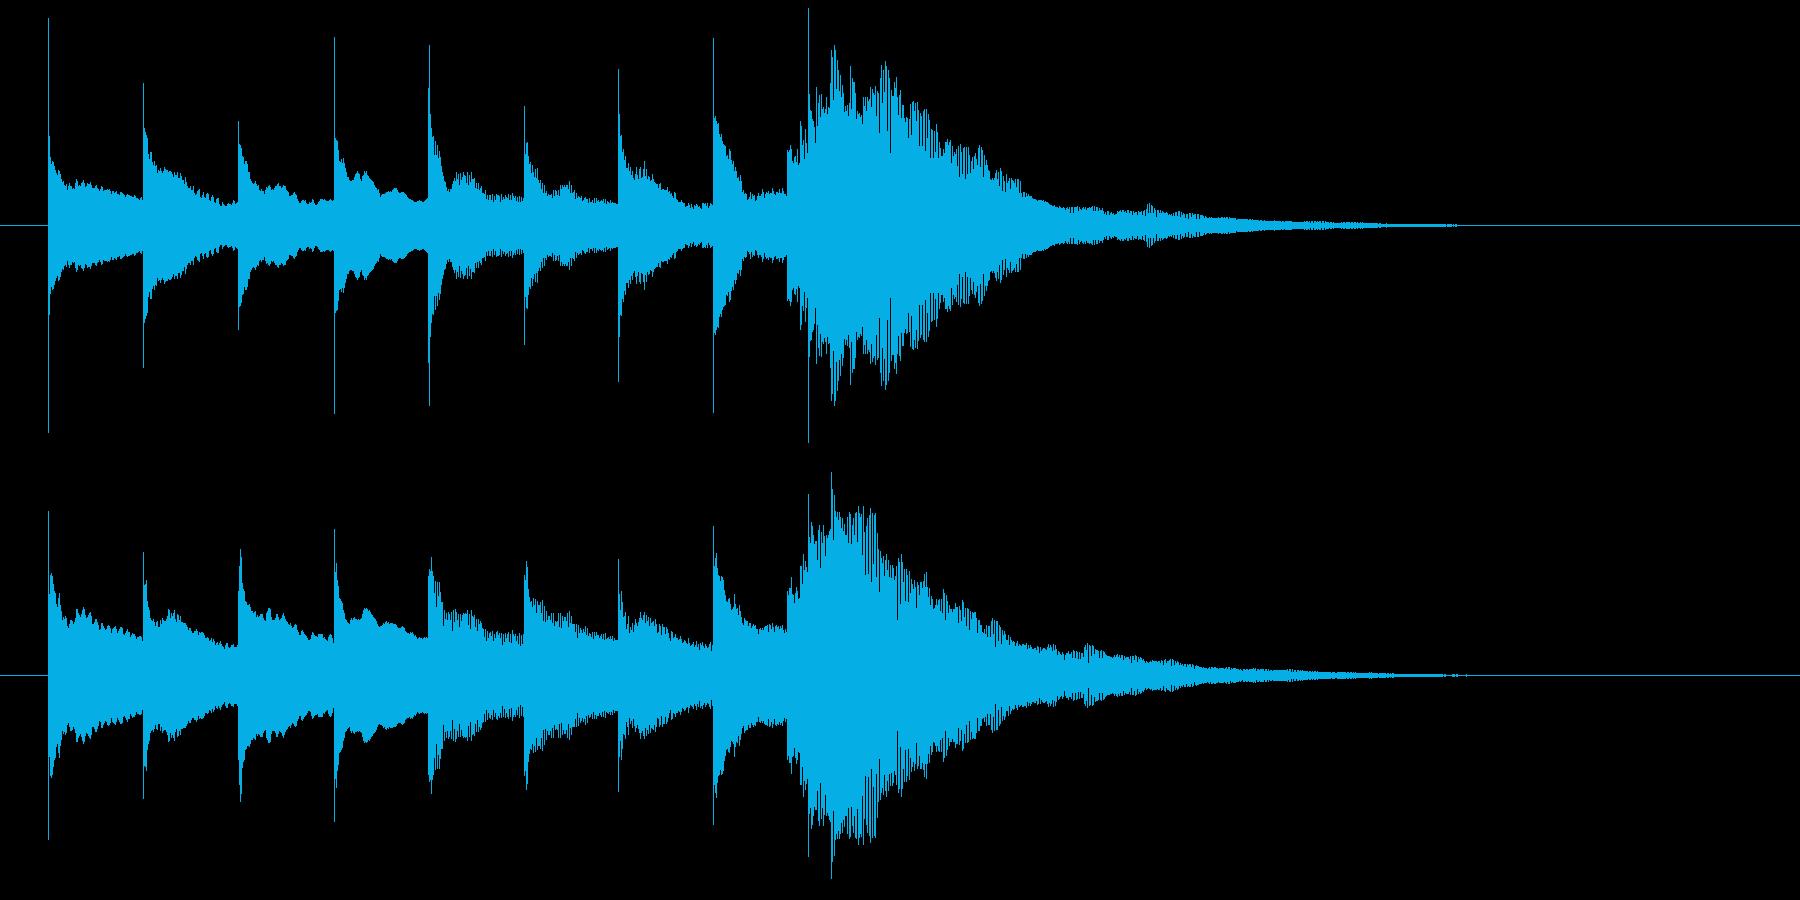 「○○からのお知らせです」的なベルの音の再生済みの波形